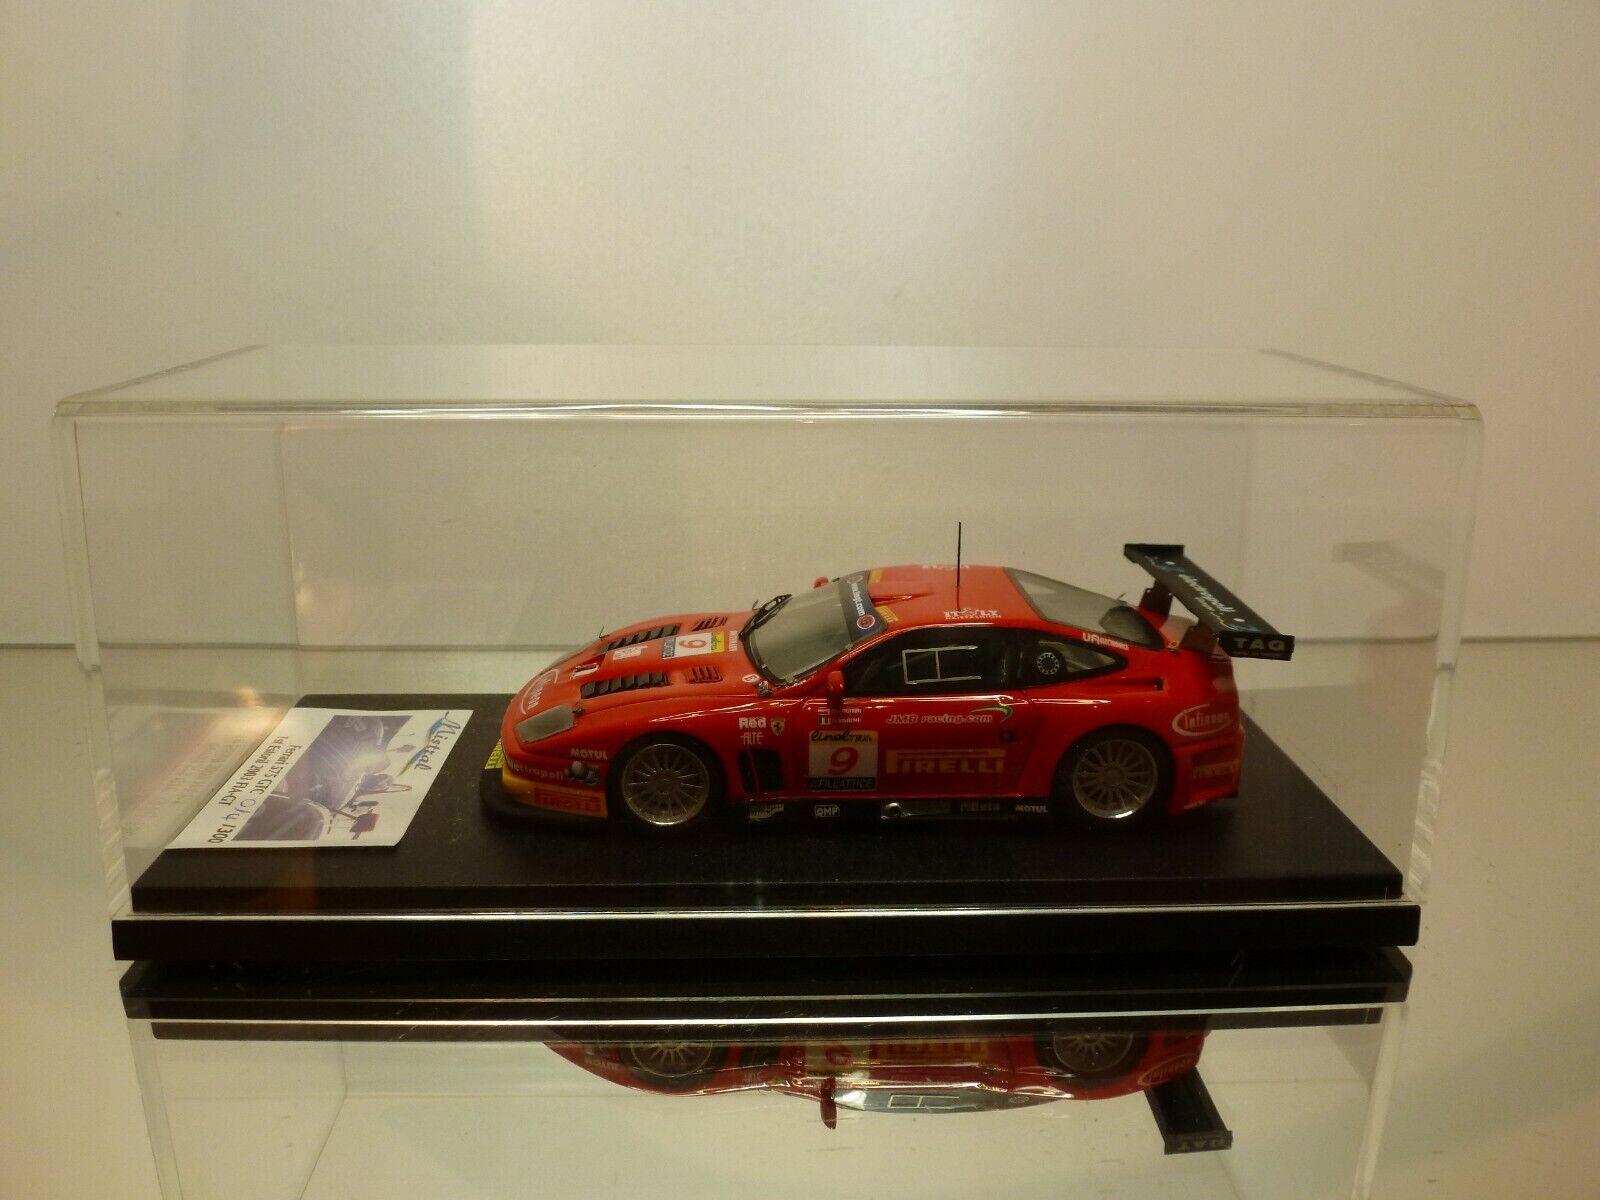 MISTRAL M016  FERRARI 575 GTC  9 -1st ESTORIL 2003 FIA-GT - rouge 1 43 -MINT IN BOX  grosses économies